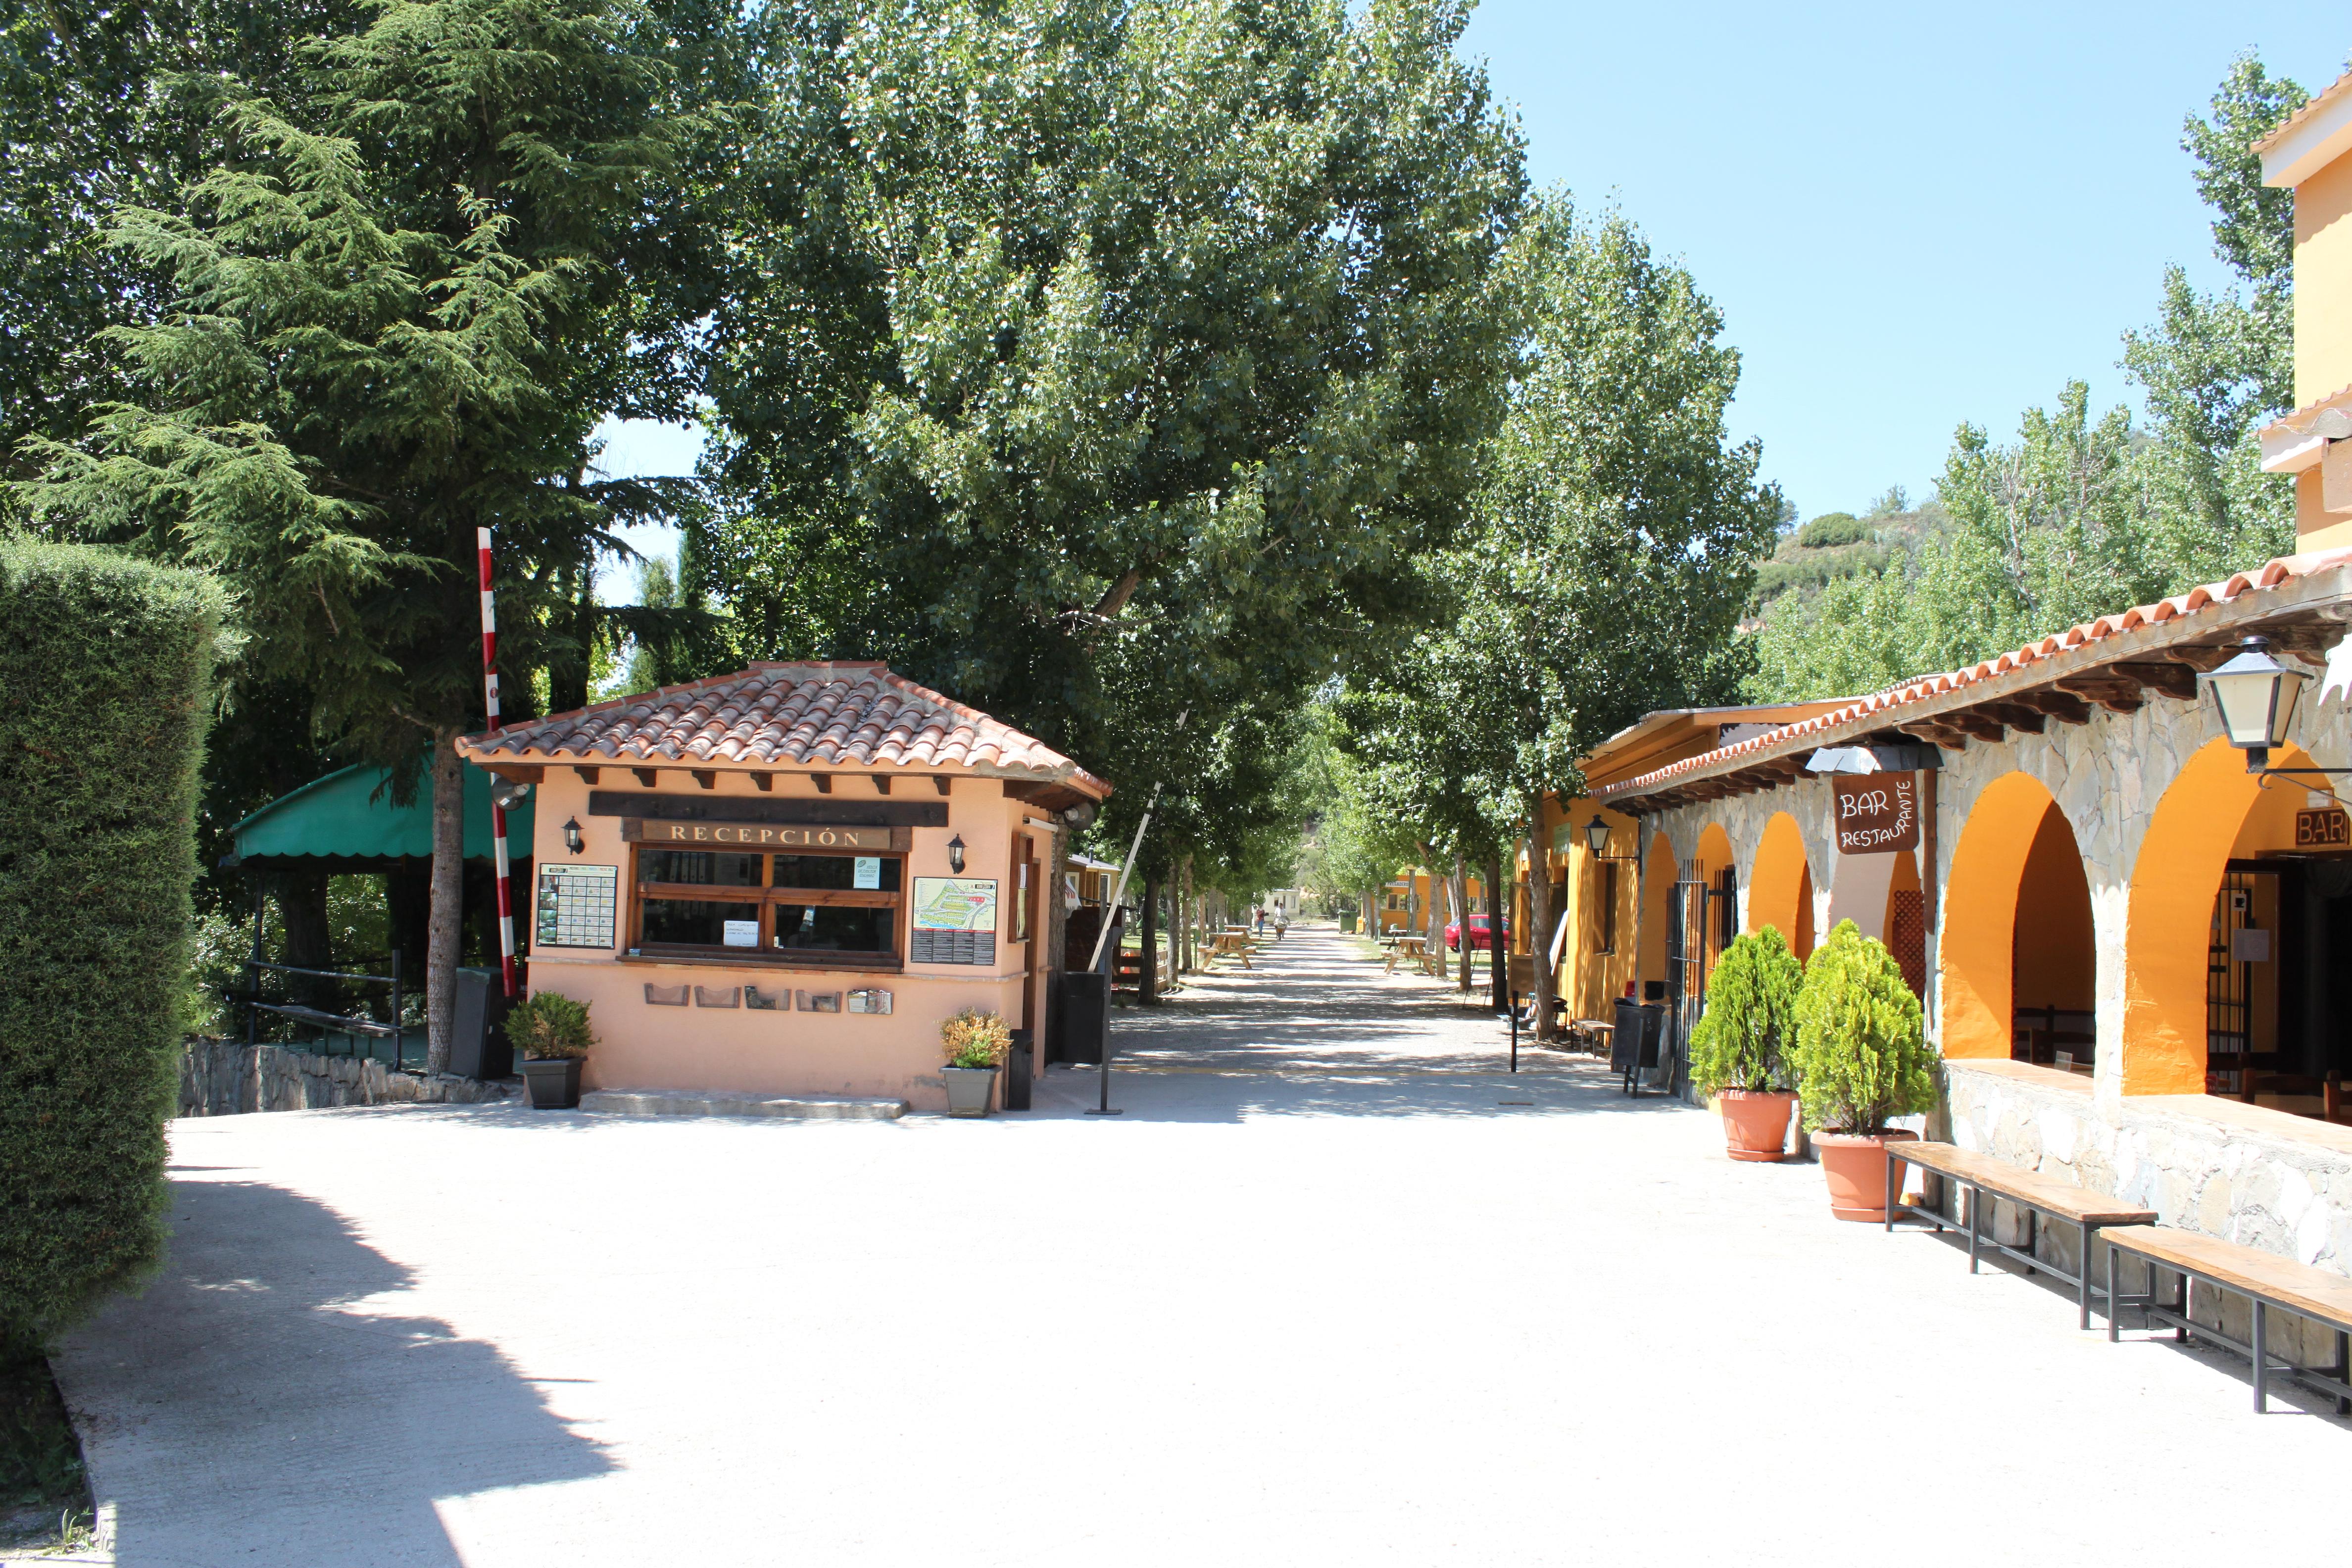 Camping Rio Vero